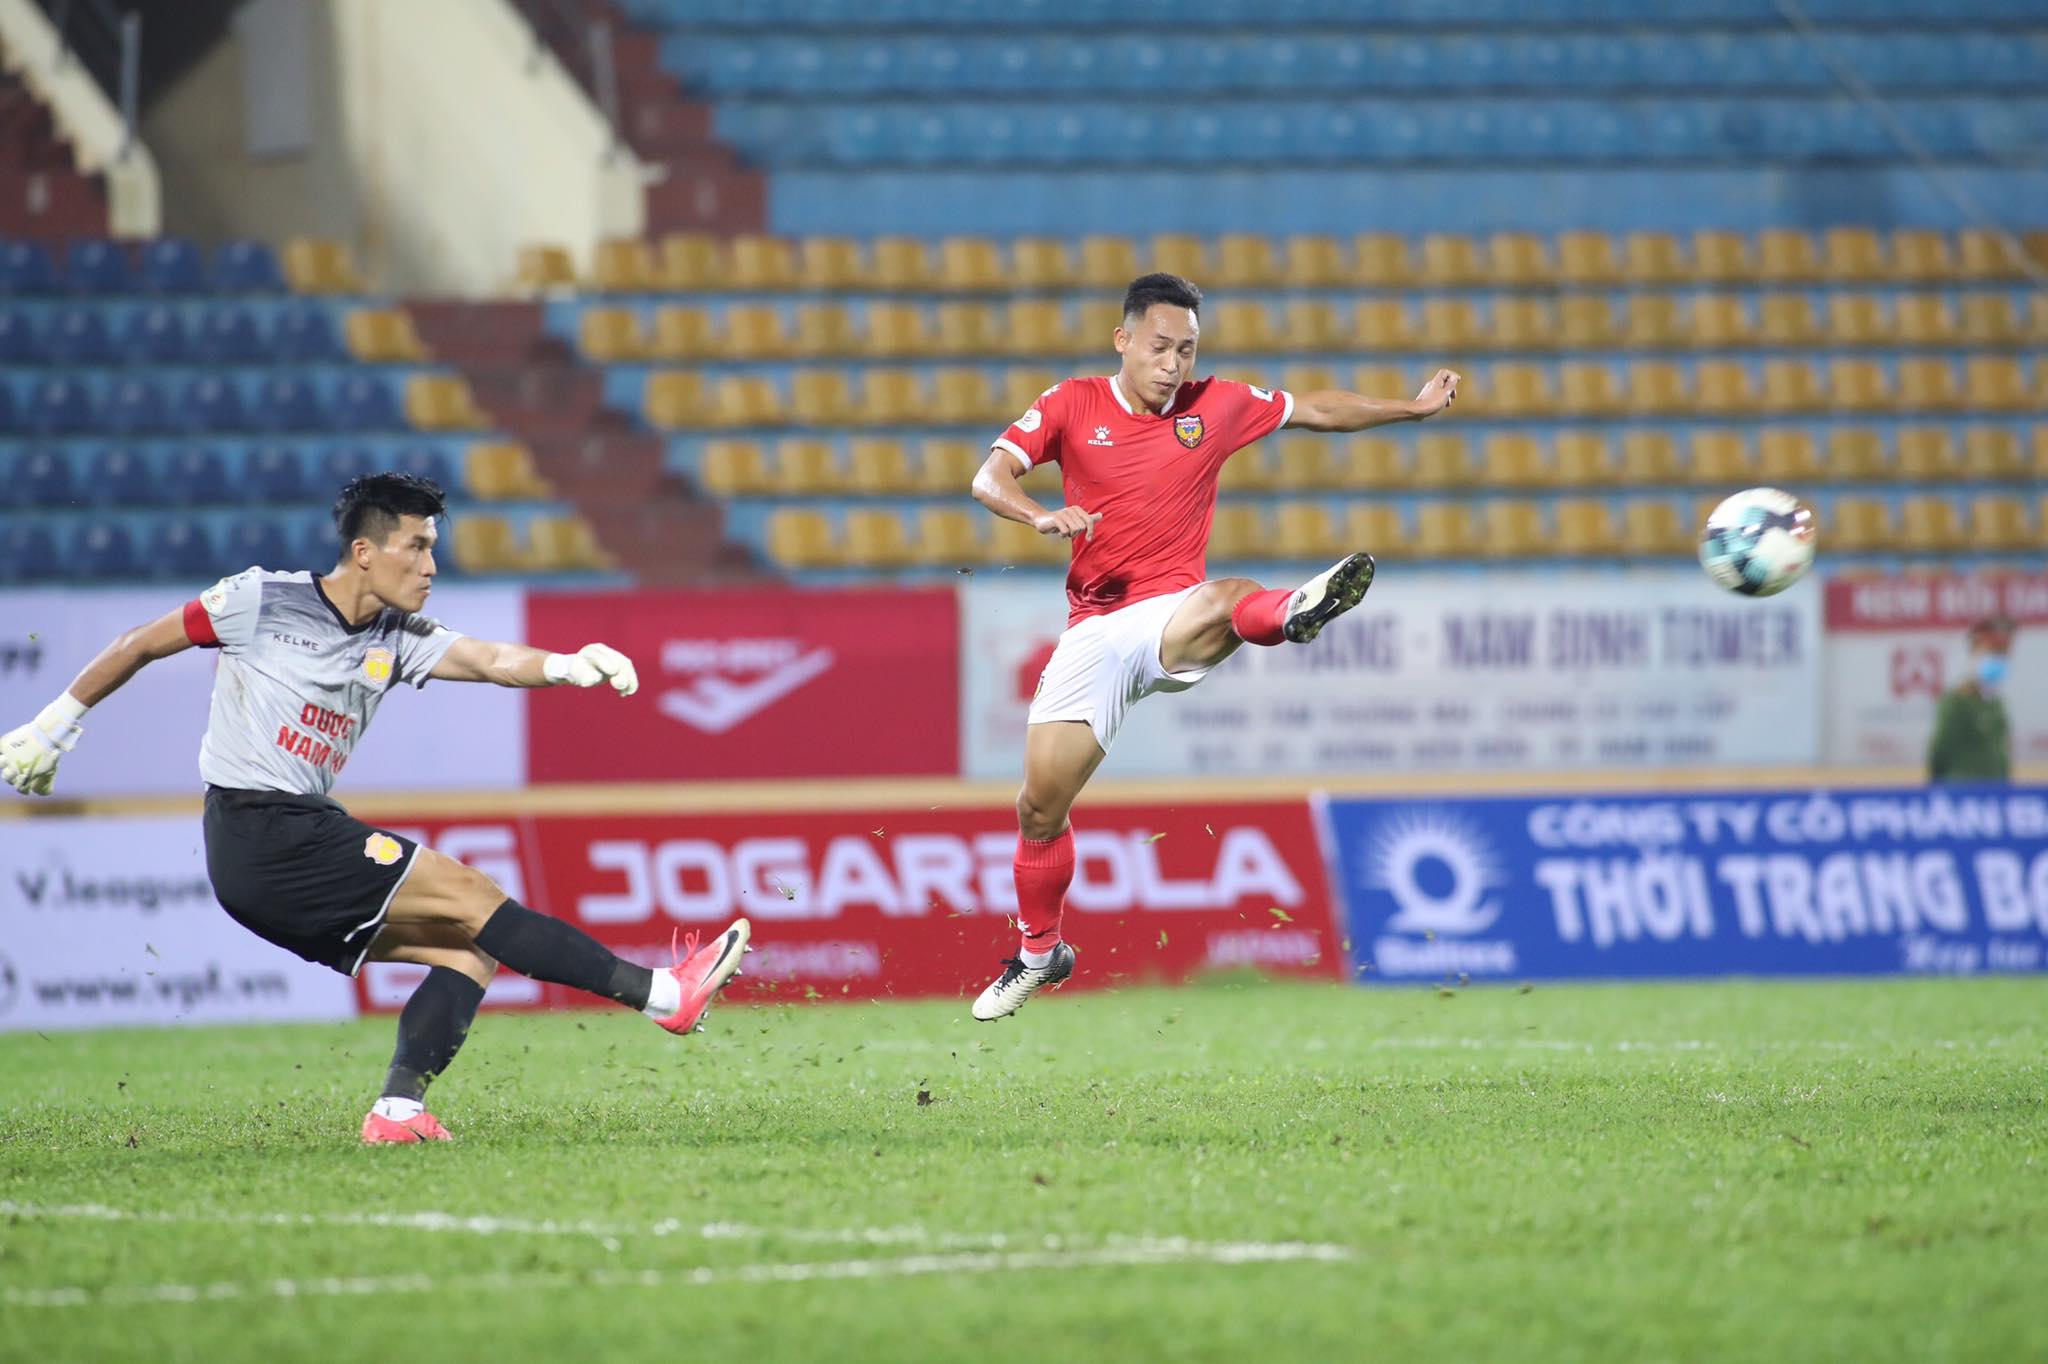 Tiền vệ Văn Đức bỏ lỡ 2 cơ hội ngon ăn mở tỷ số cho đội khách - Ảnh: Phan Tùng